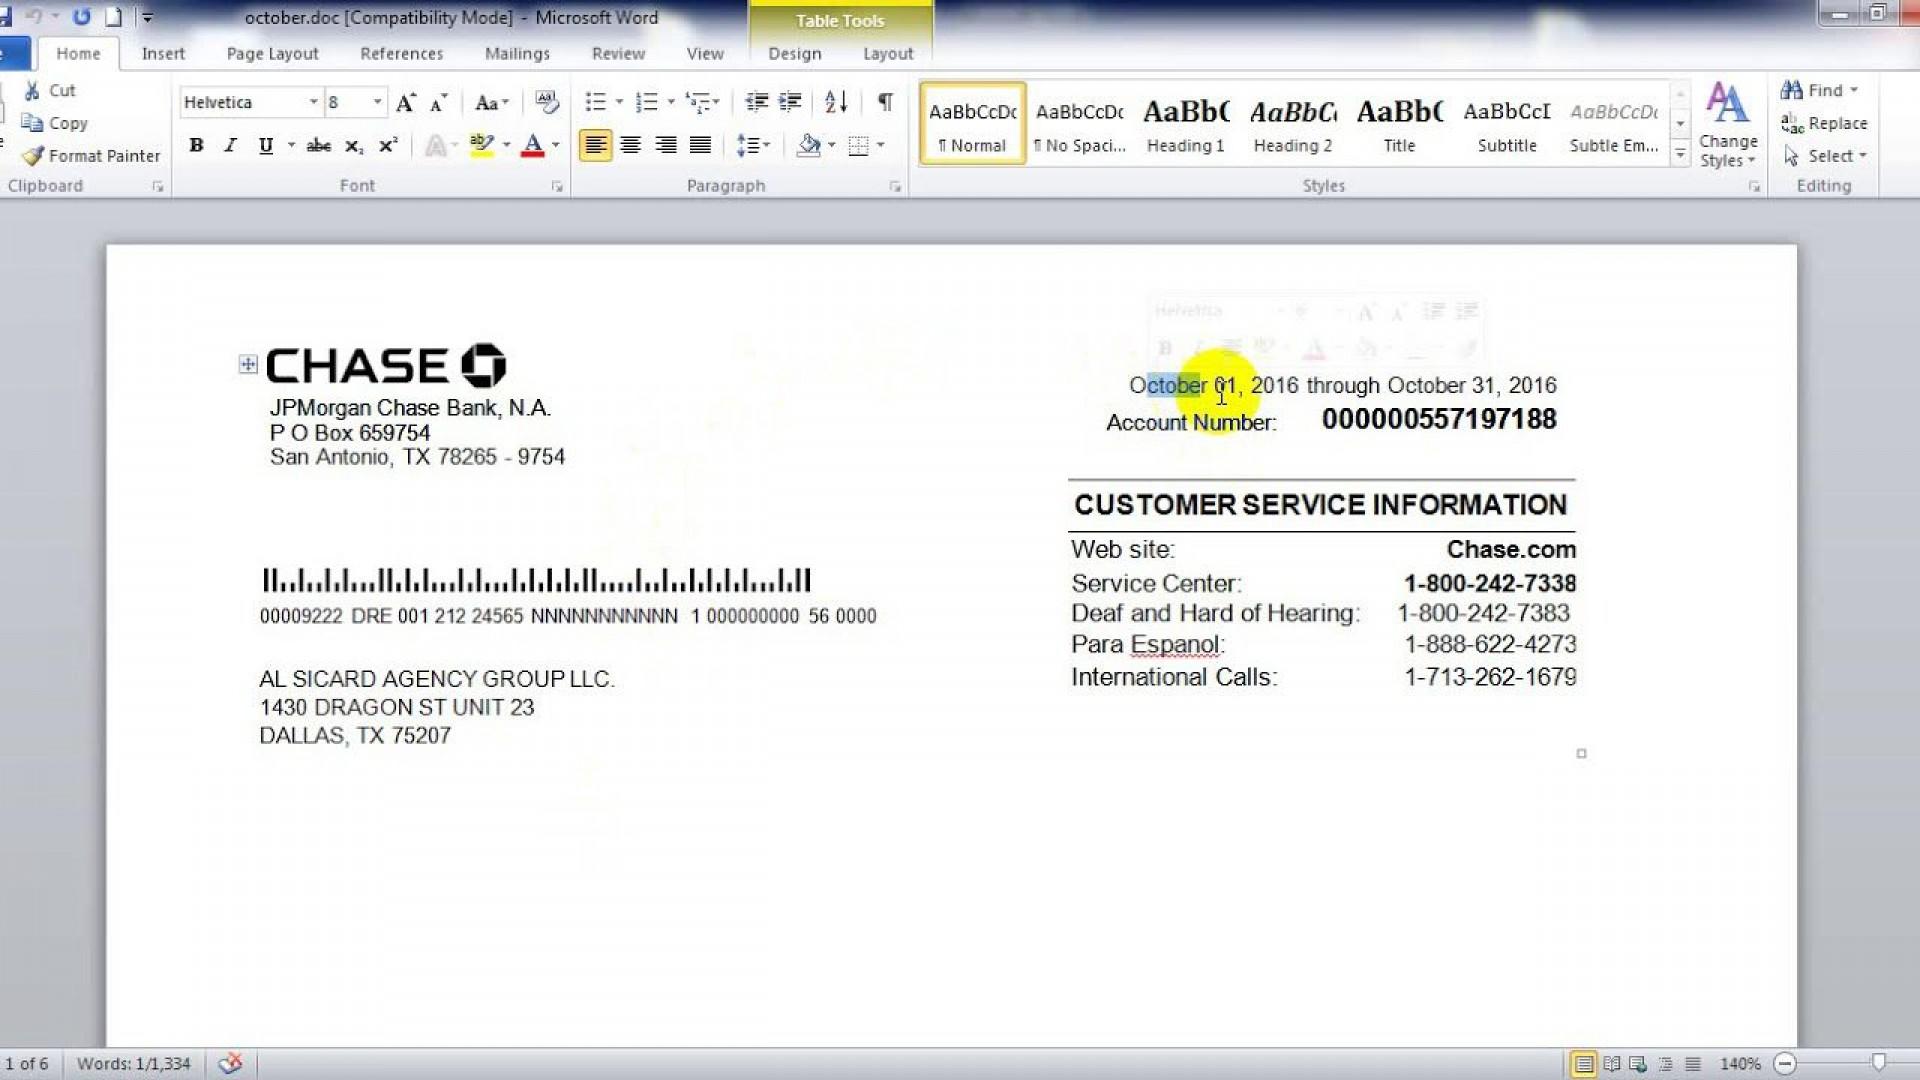 009 Singular Fake Chase Bank Statement Template Sample  Free Create1920